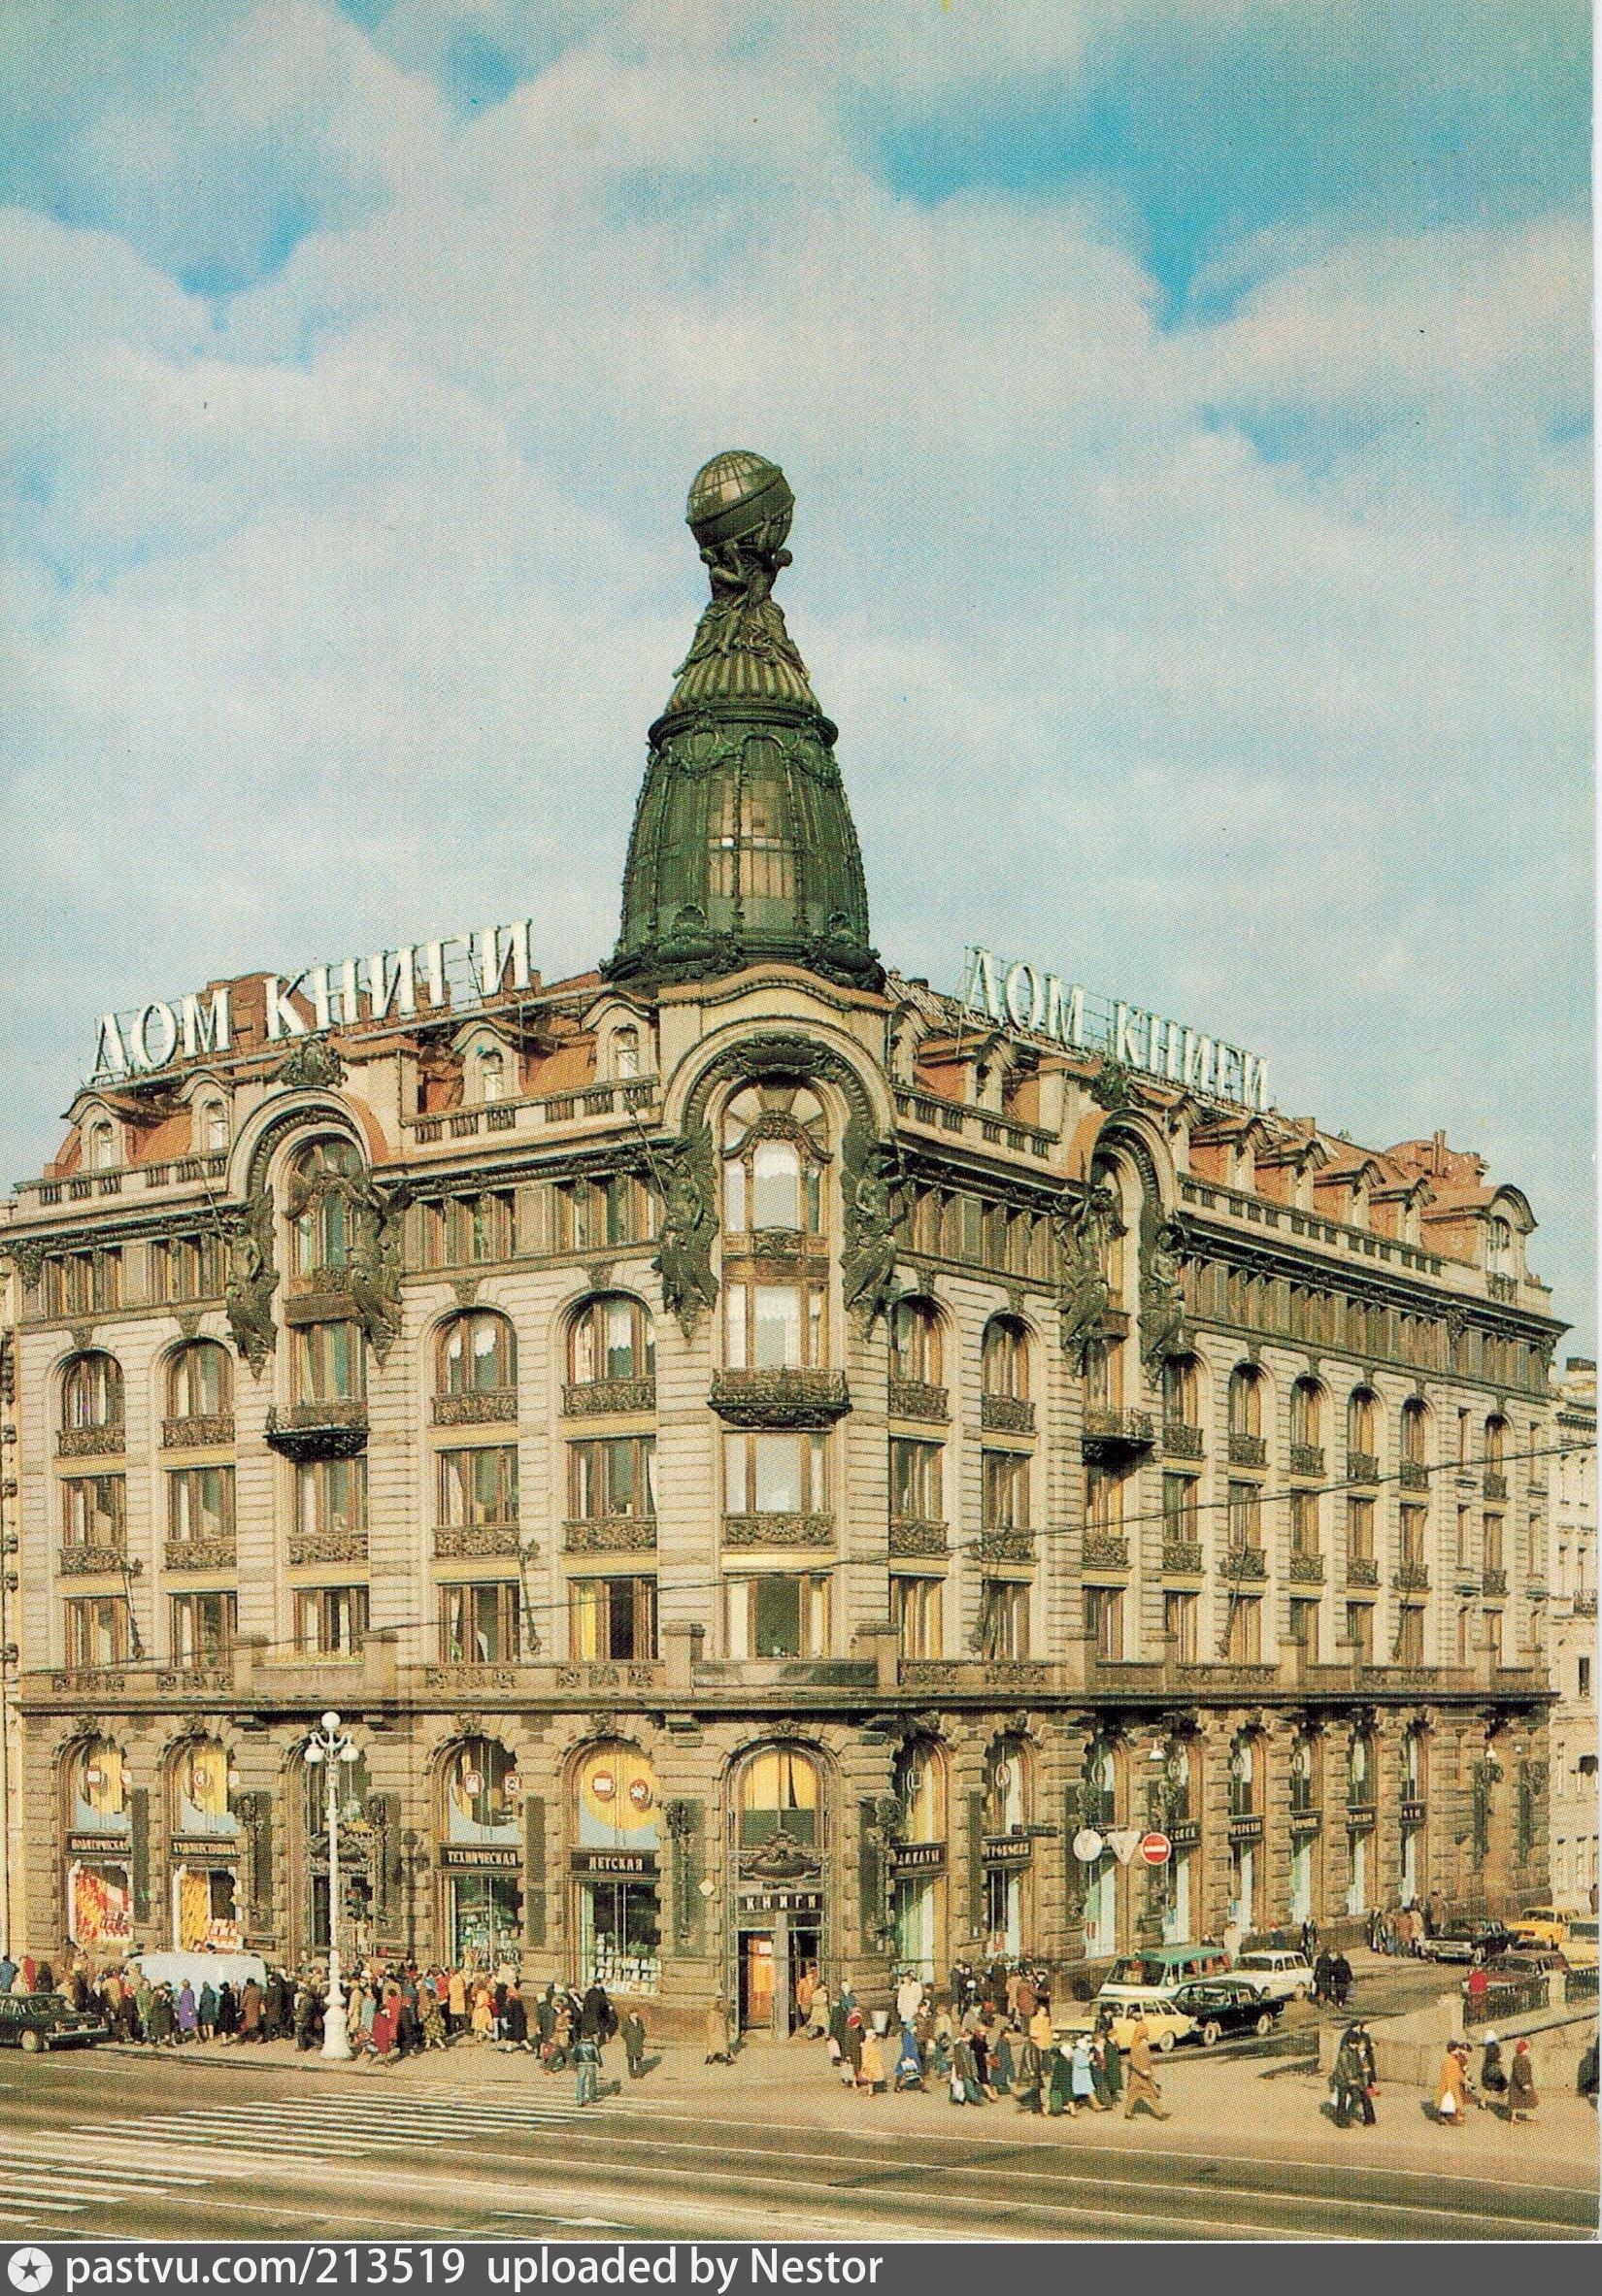 Открытки из санкт-петербурга дом книги, картинки